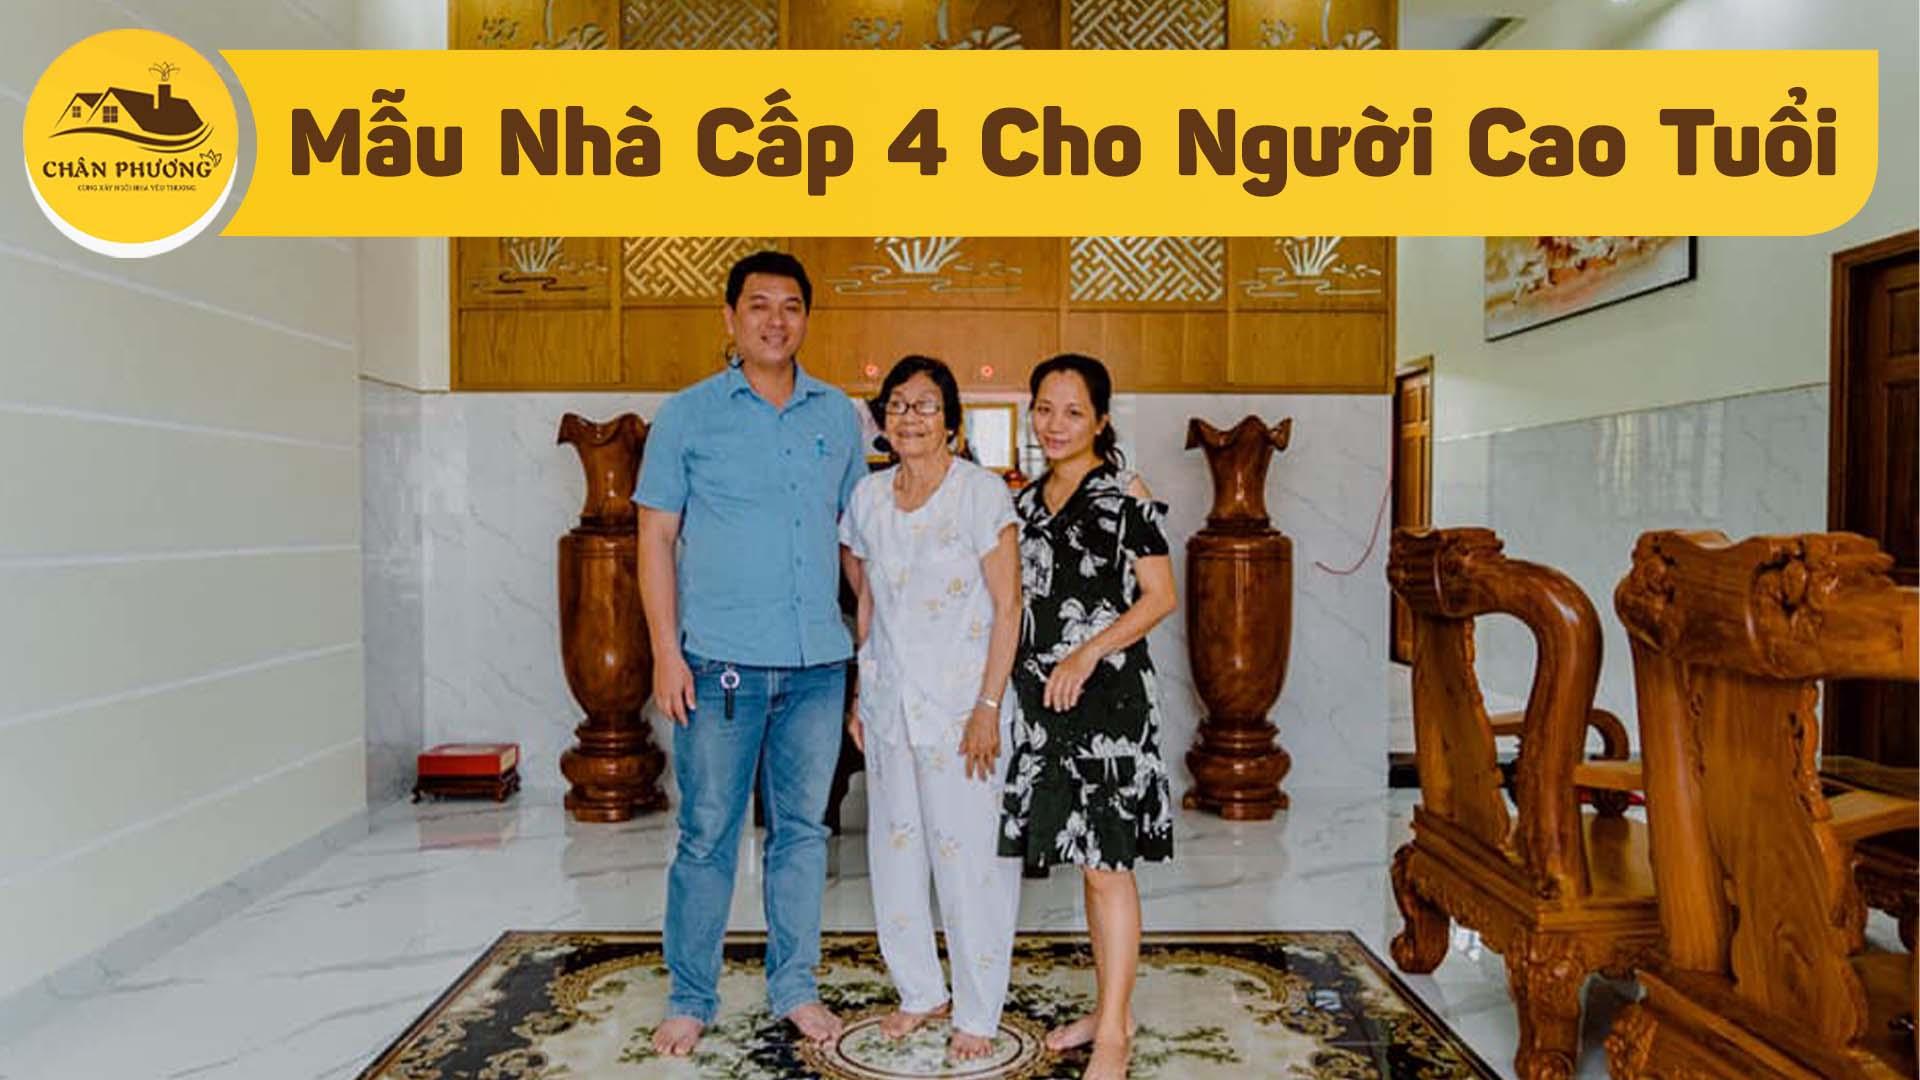 mau-nha-cap-4-cho-nguoi-cao-tuoi